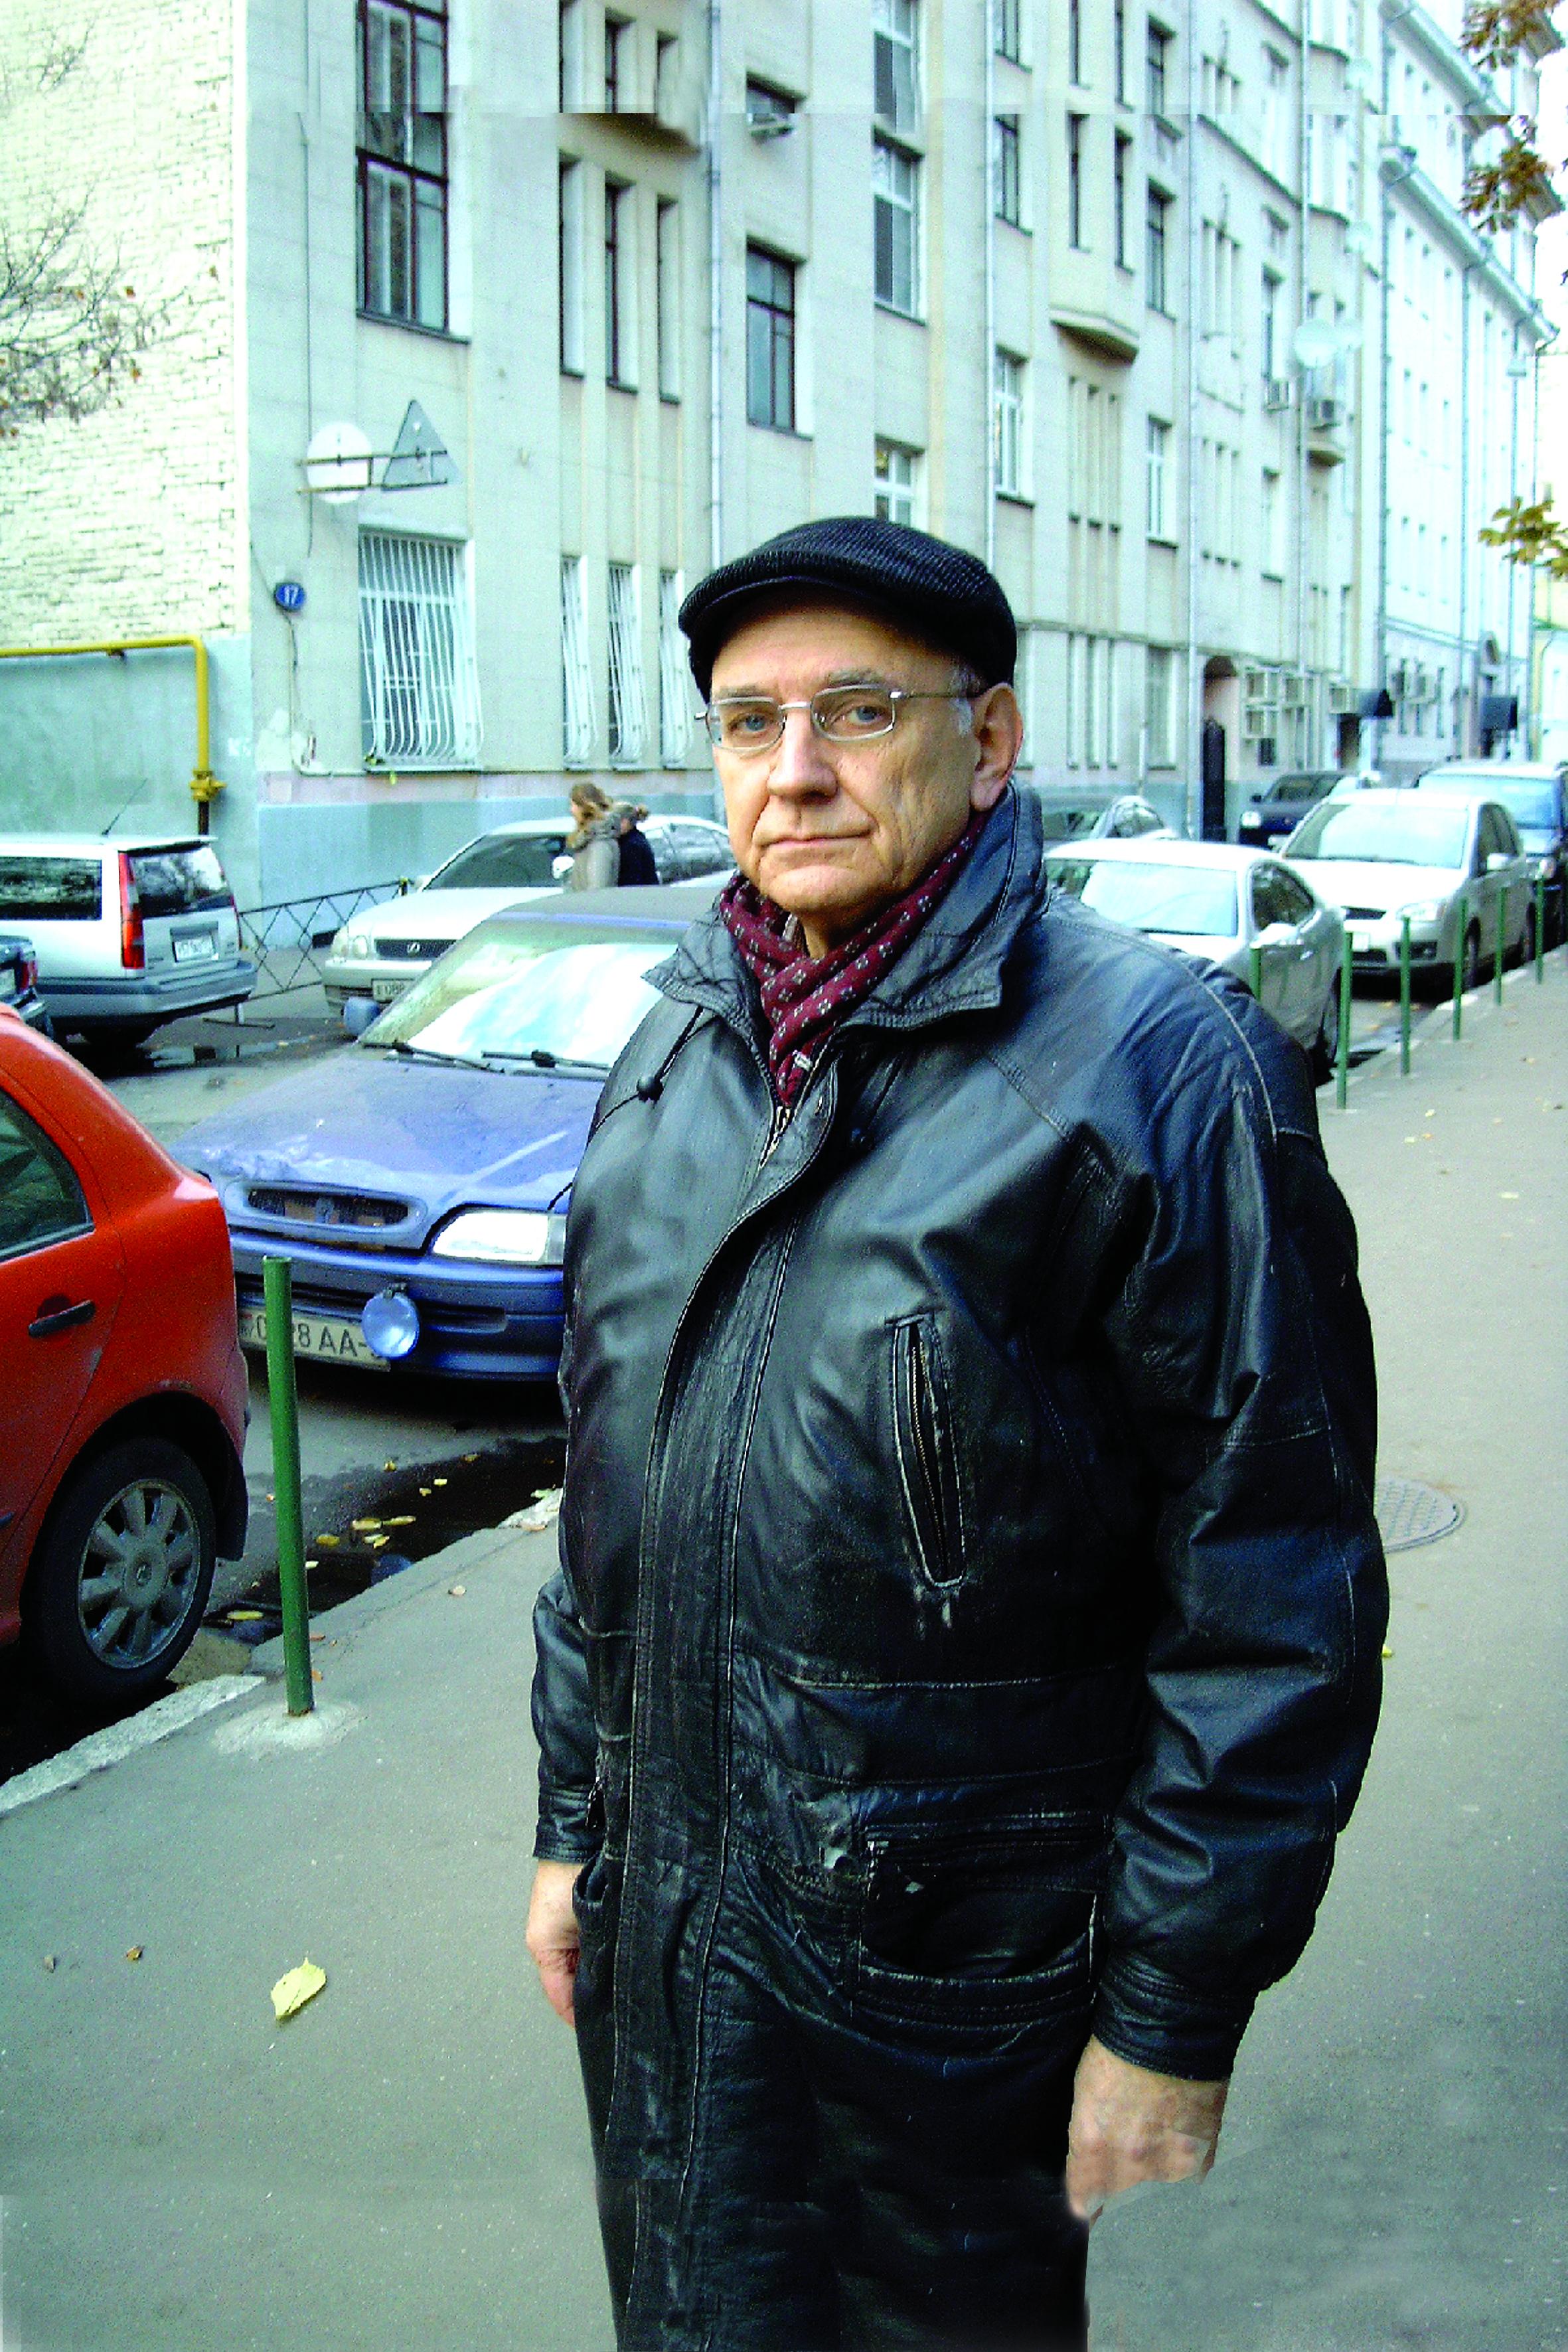 kuvaldin-yuriy-vspolniy-pereulok-SIMG0019